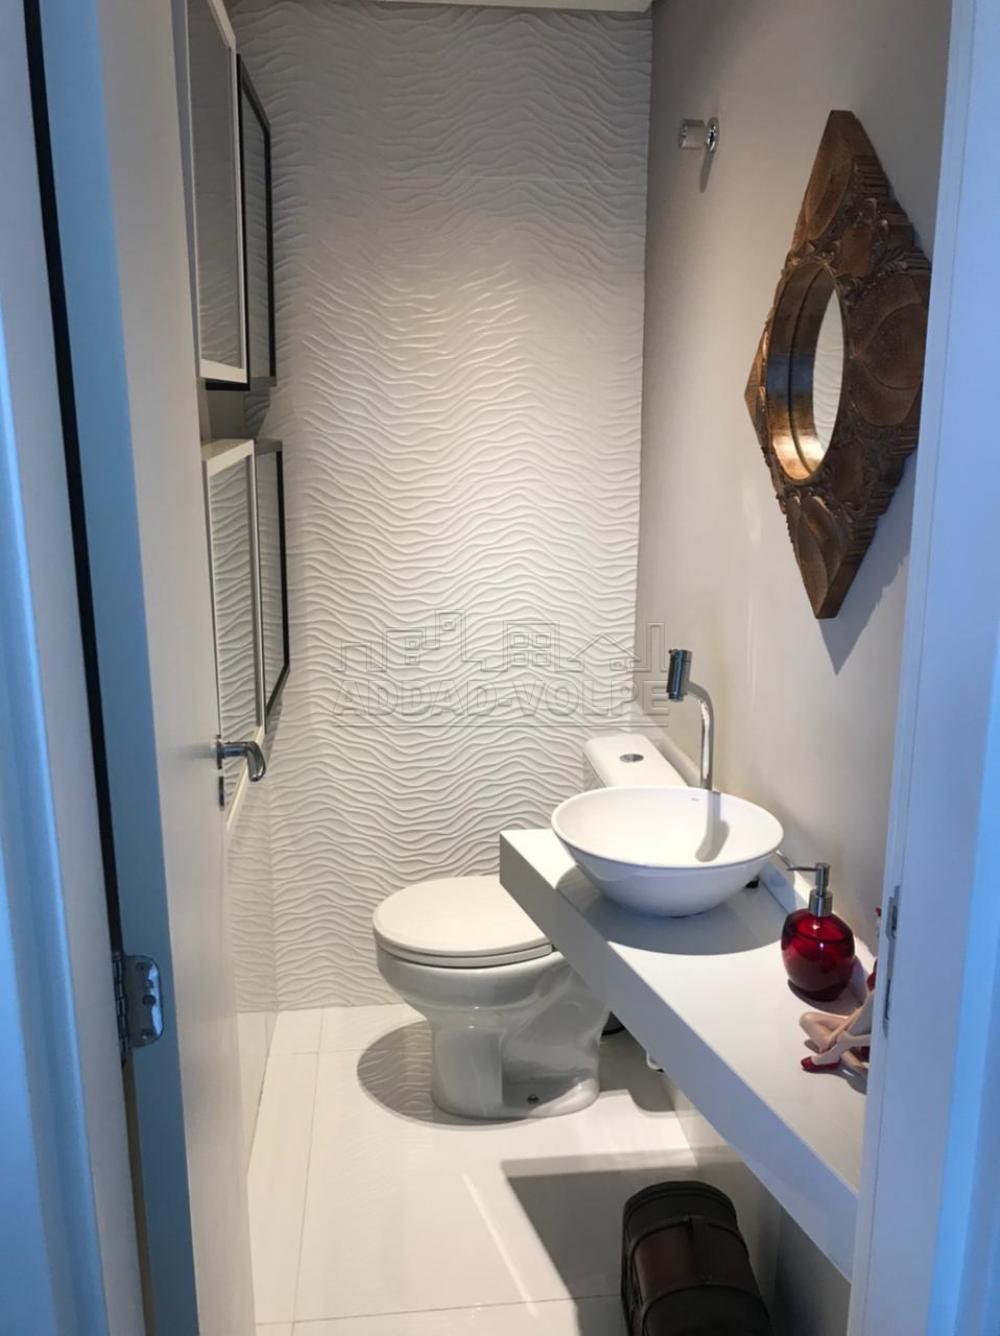 Comprar Apartamento / Padrão em Bauru R$ 790.000,00 - Foto 14